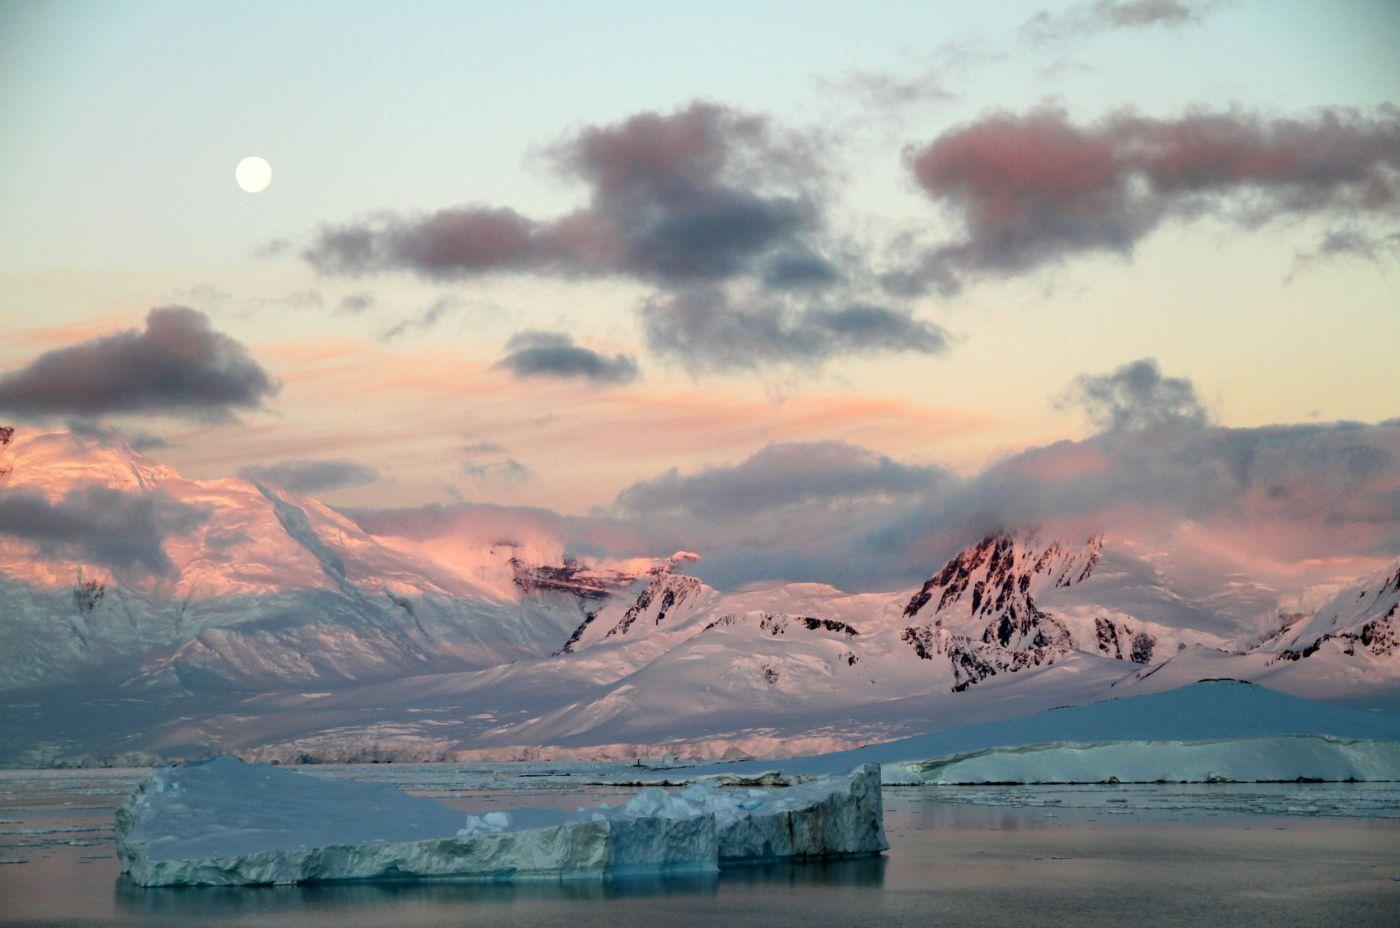 Foto tirada às 23h11, em Porto Lockroy, na Península Antártica (foto: Eduardo Vessoni)